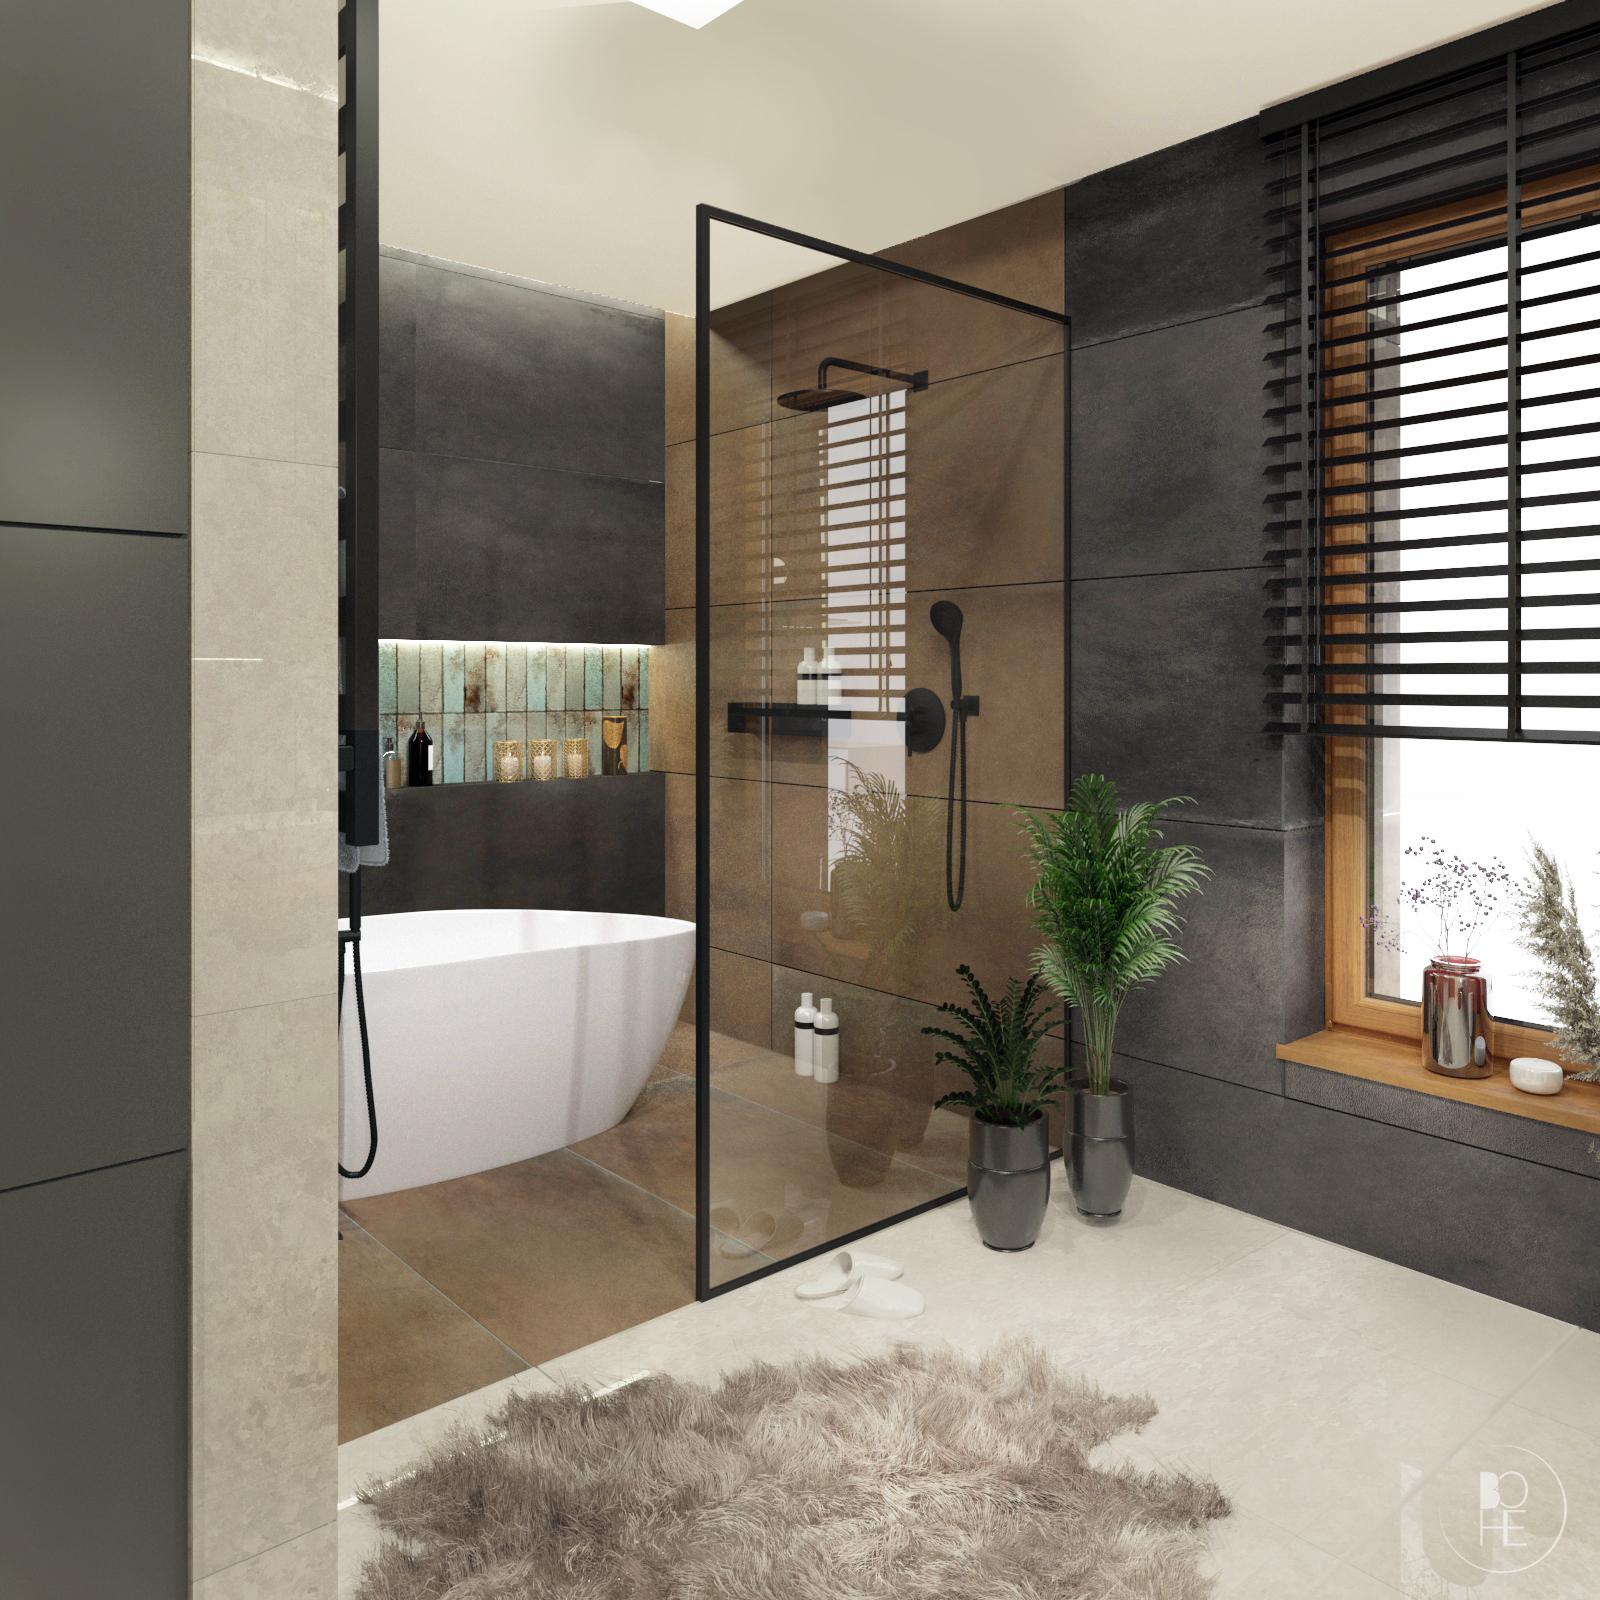 nowoczesna łazienka domowa strefa relaksu w ziemistych kolorach warszawa kraków poznań architekt wnętrz białystok